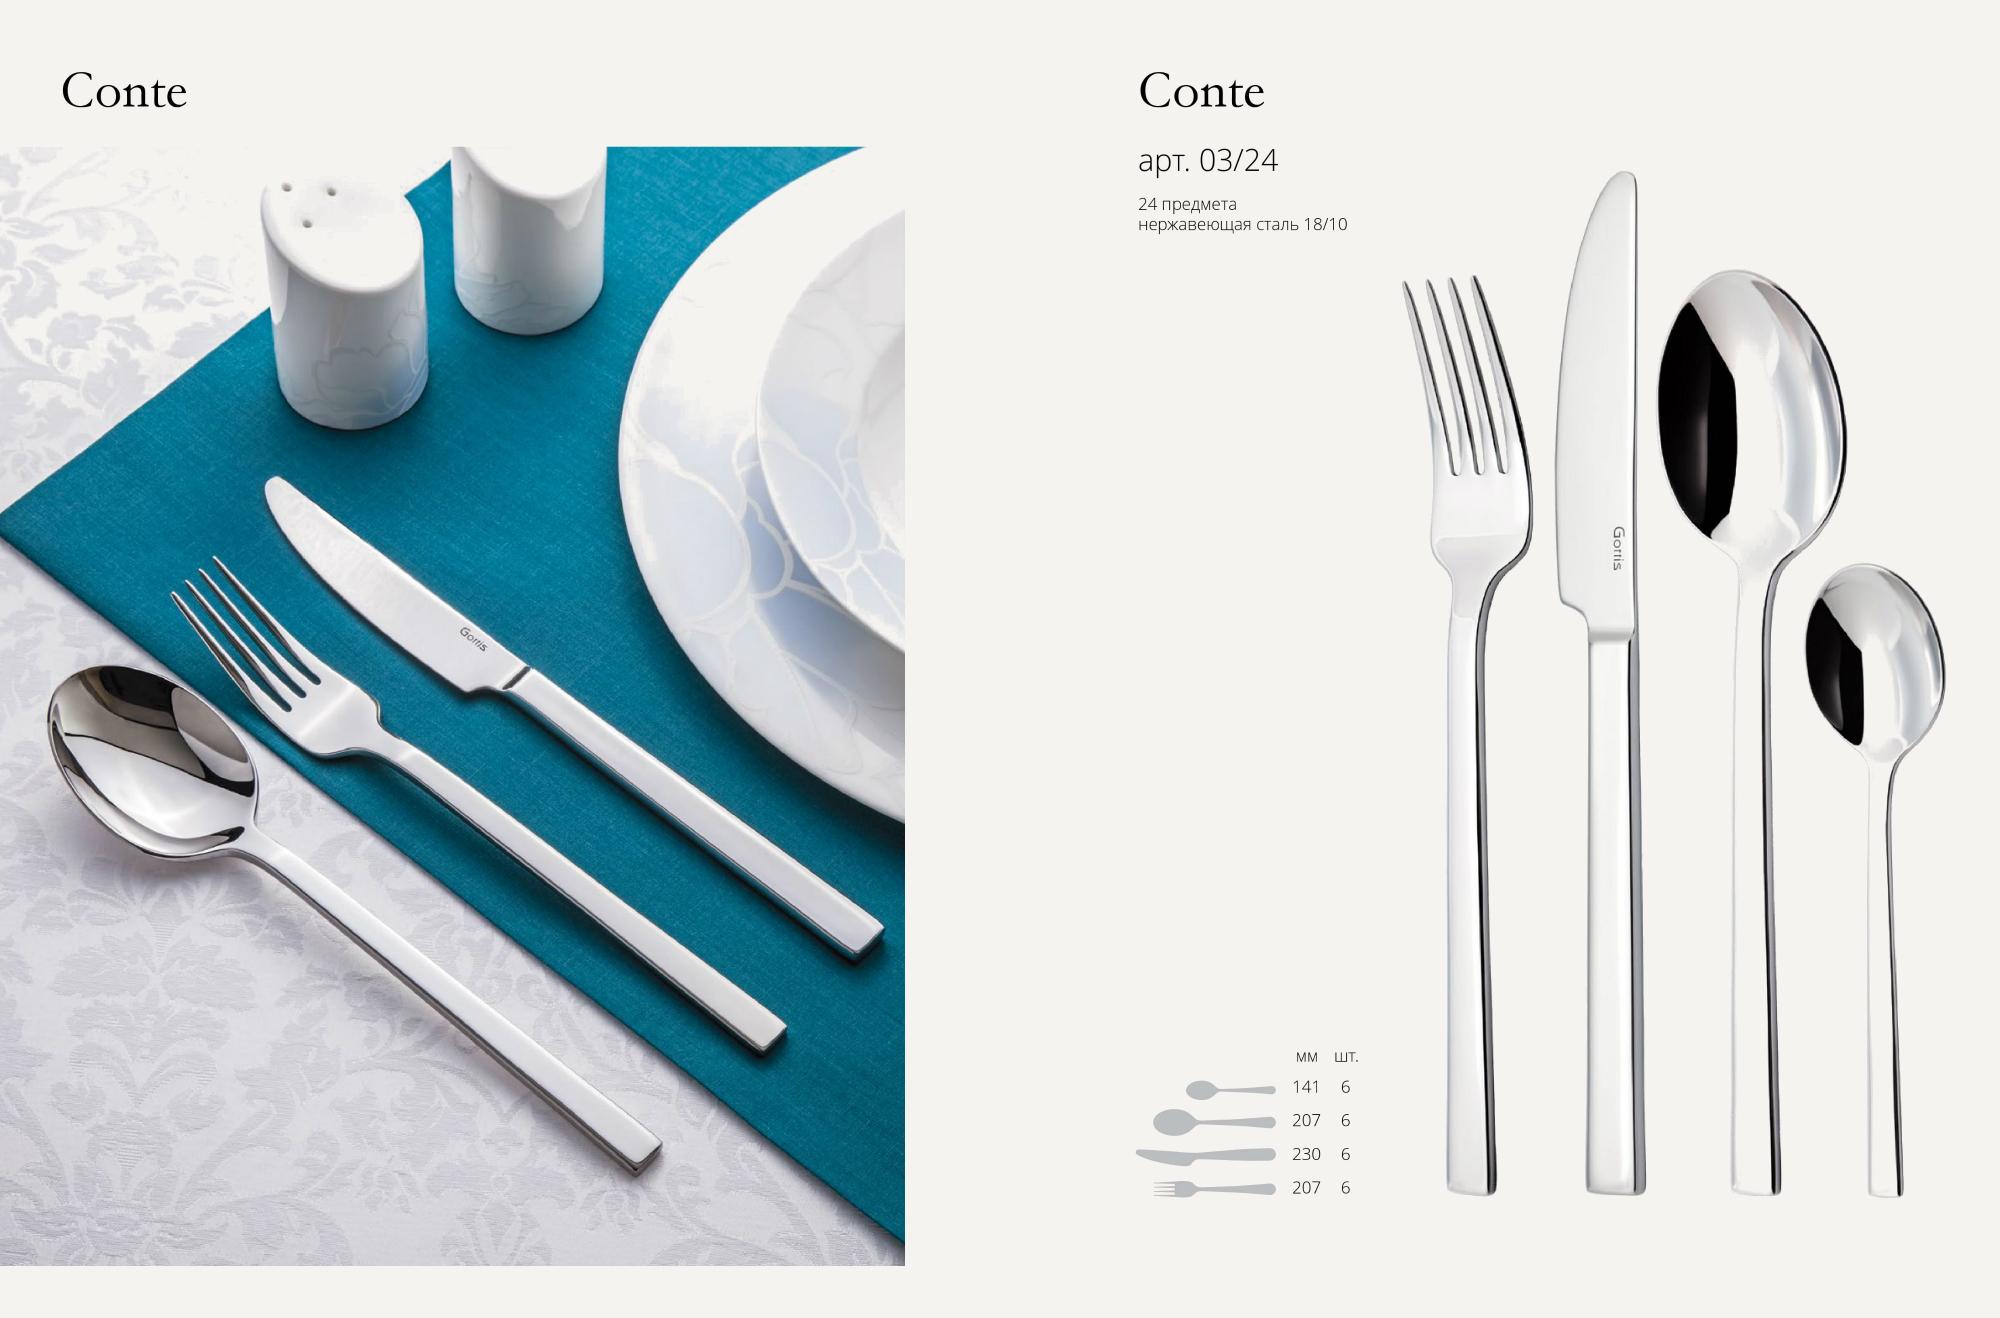 """Набор столовых приборов (24 предмета / 6 персон) Gottis """"Conte"""" 03/24"""